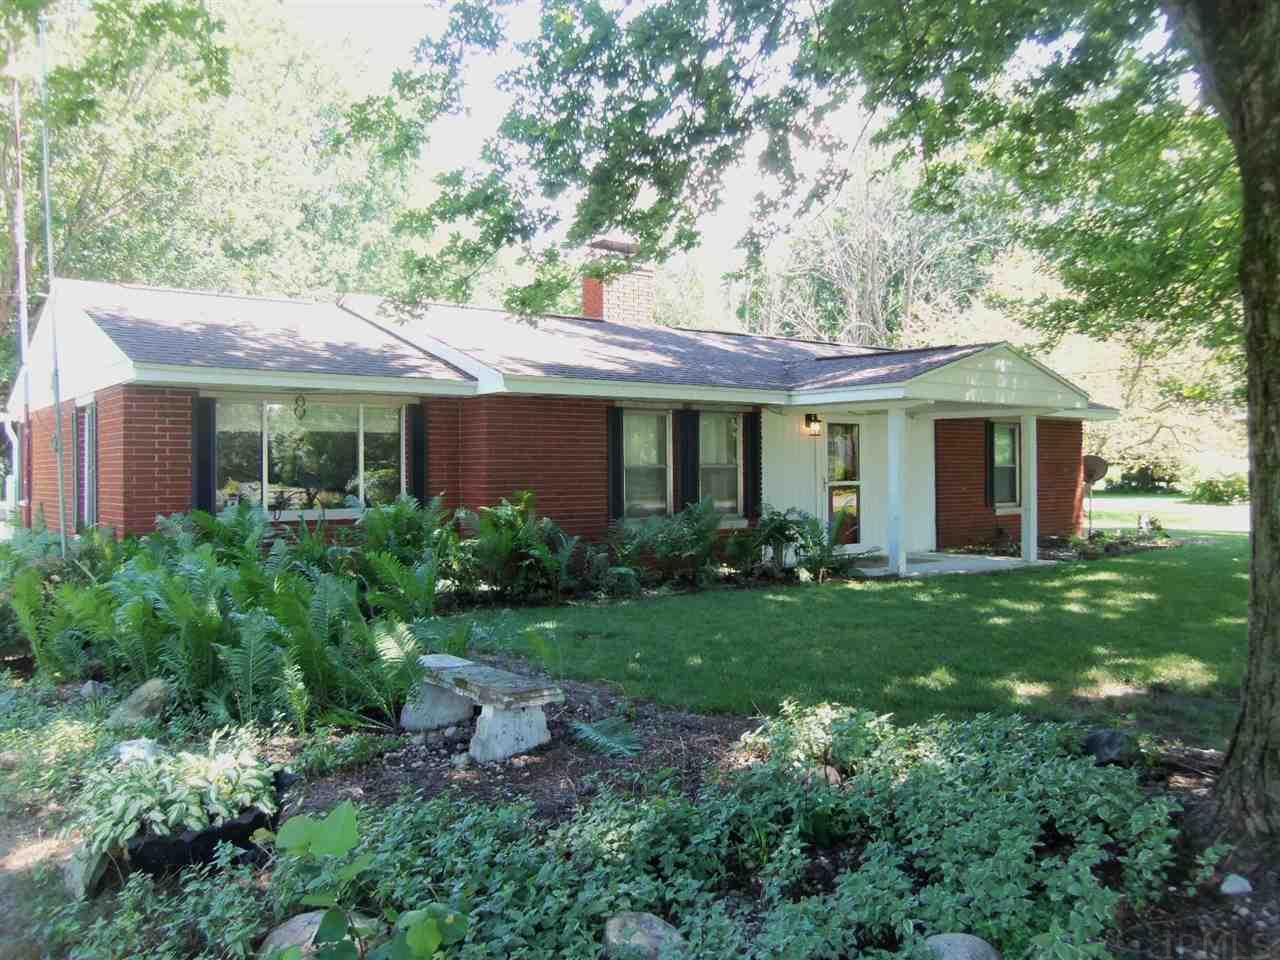 61738 Oak, South Bend, IN 46614